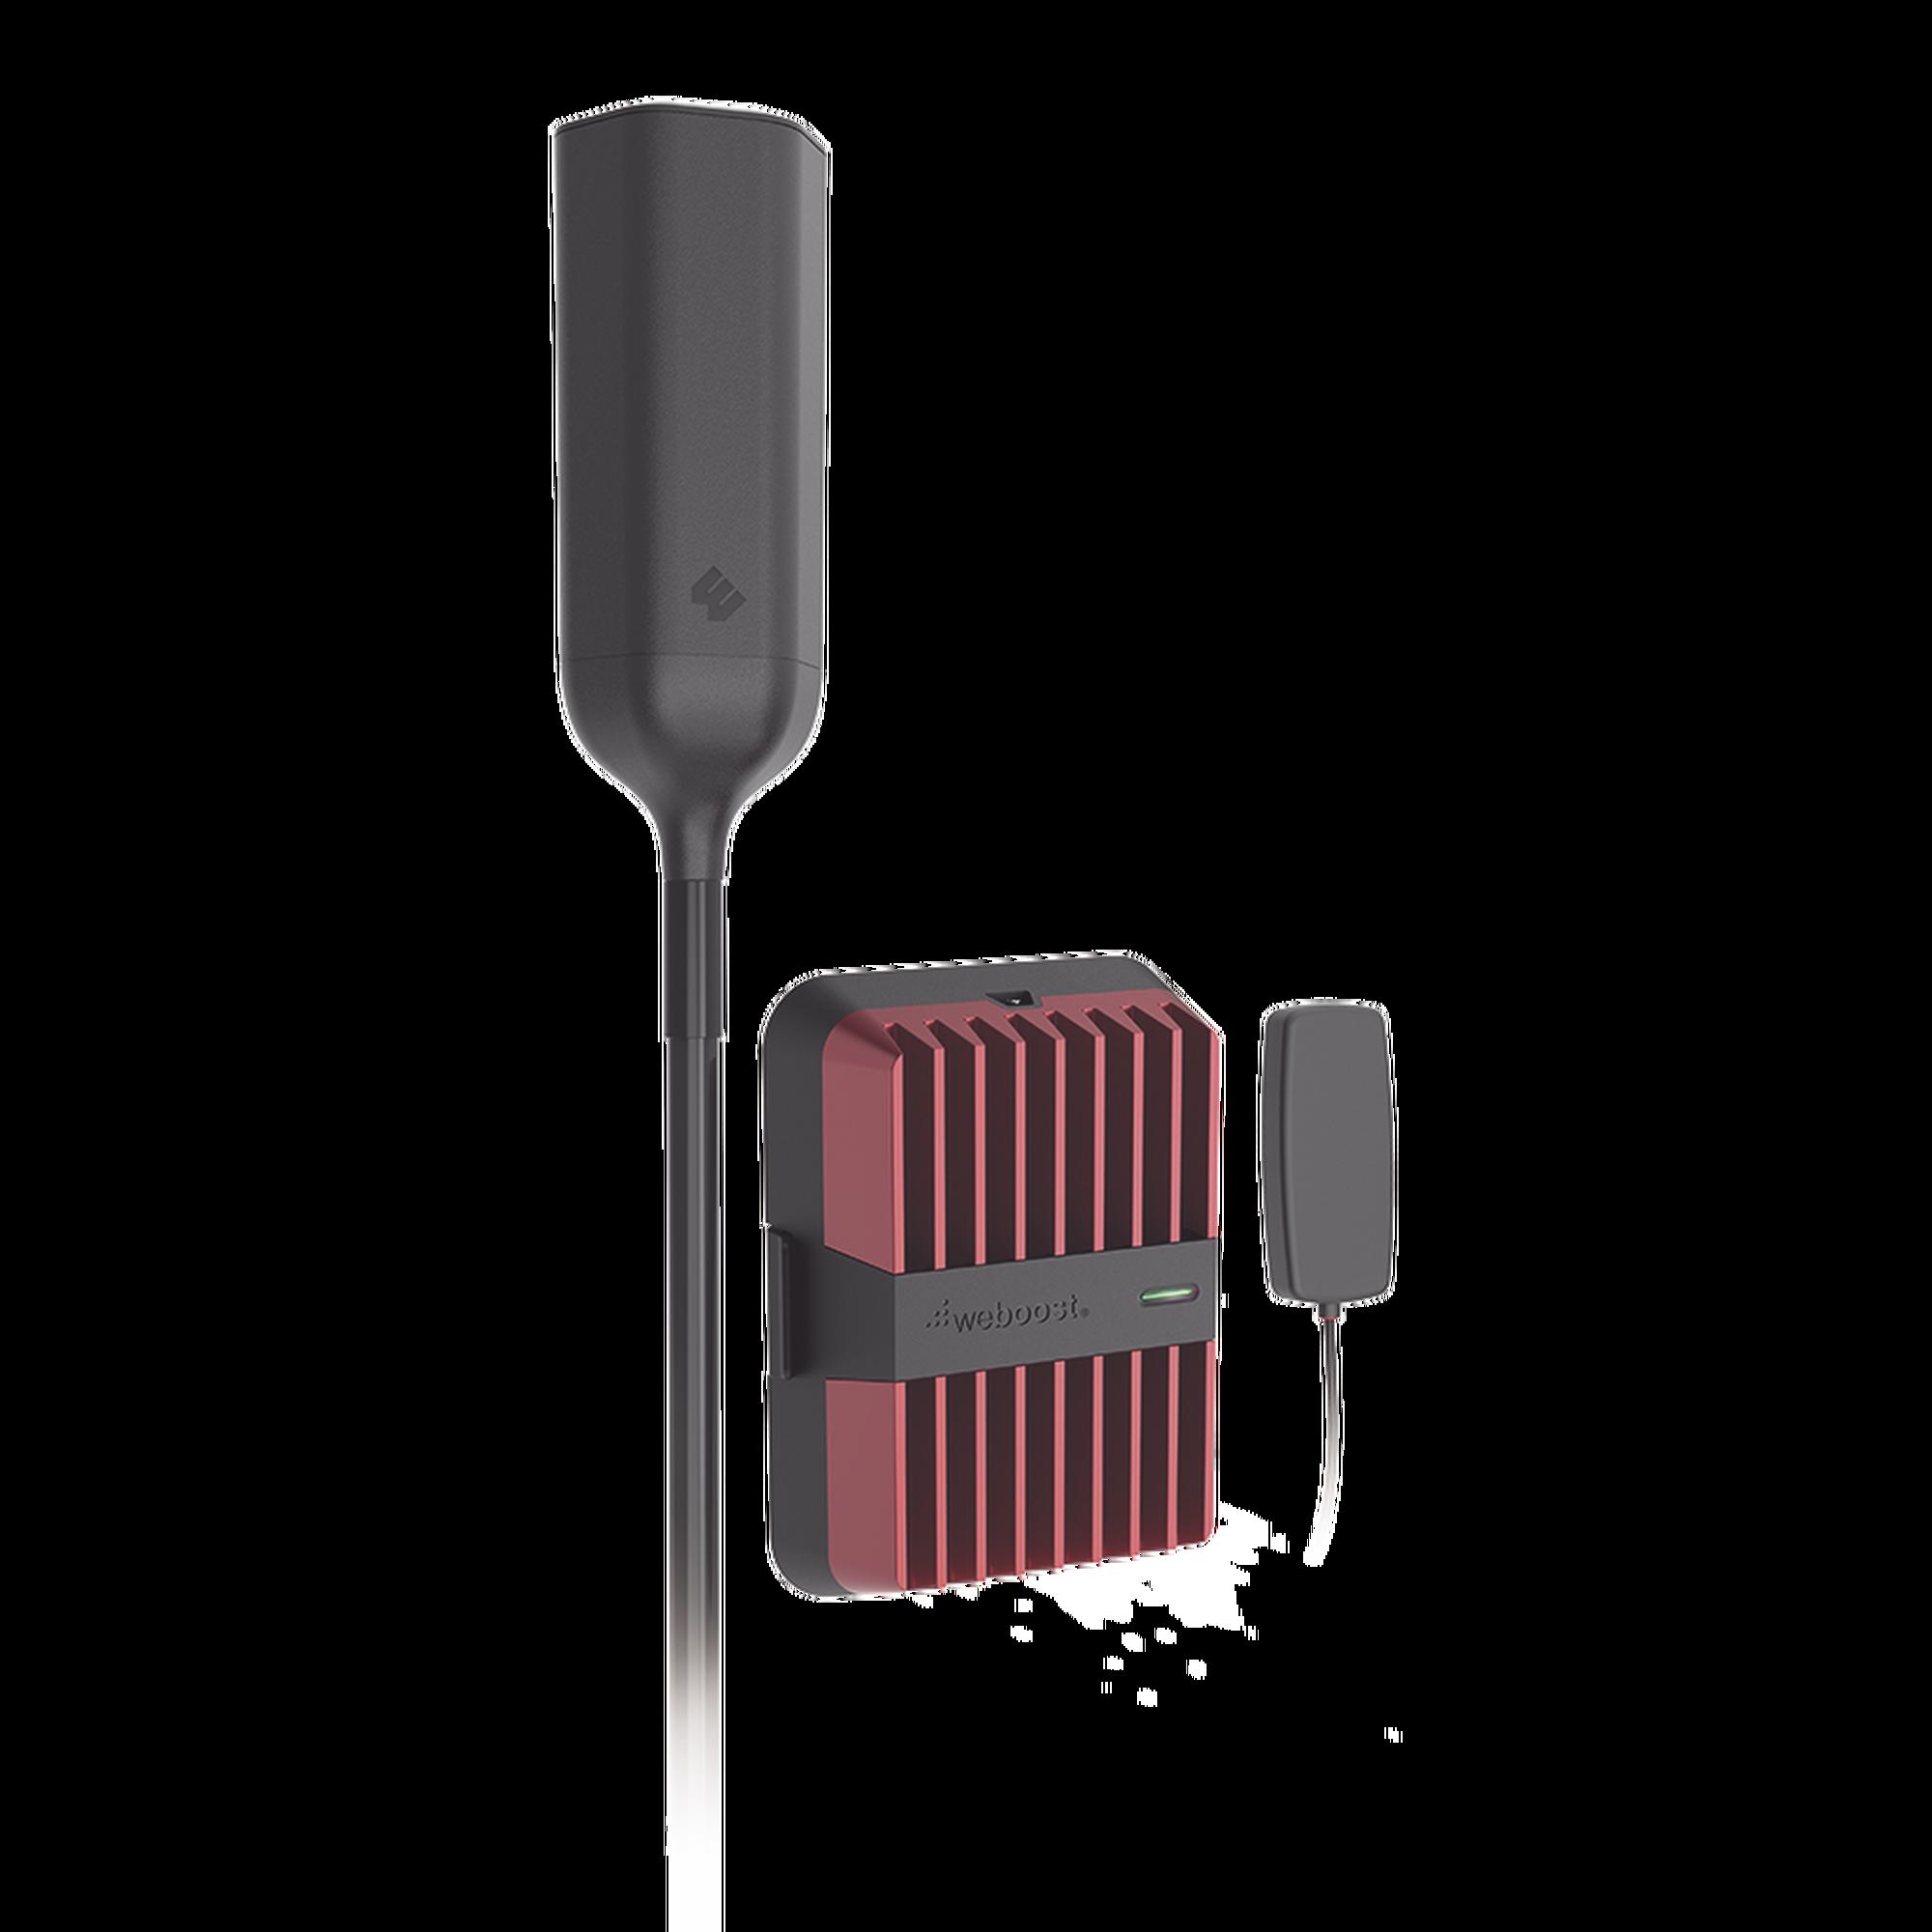 Kit amplificador de señal celular 4G LTE, 3G y VOZ. Drive Reach OTR. Especial para Tractocamión y Vehículos Pesados. Soporta múltiples dispositivos.  Opera con los principales operadores.